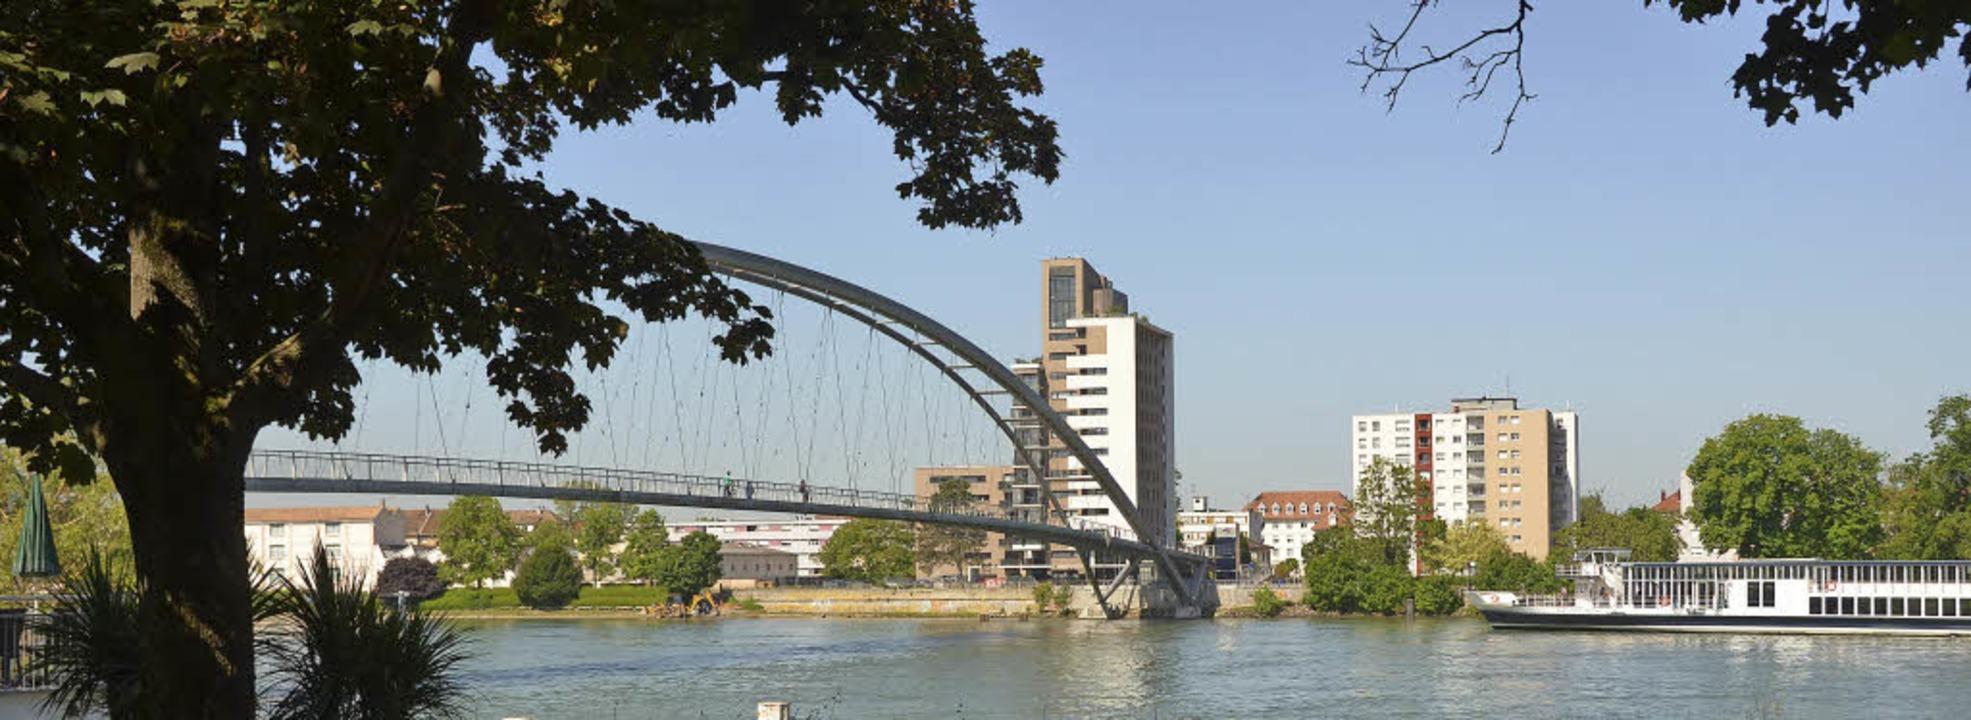 Die Dreiländerbrücke steht im Mittelpunkt des Jubiläumsfestes am 1. und 2. Juli.  | Foto: LANGELOTT